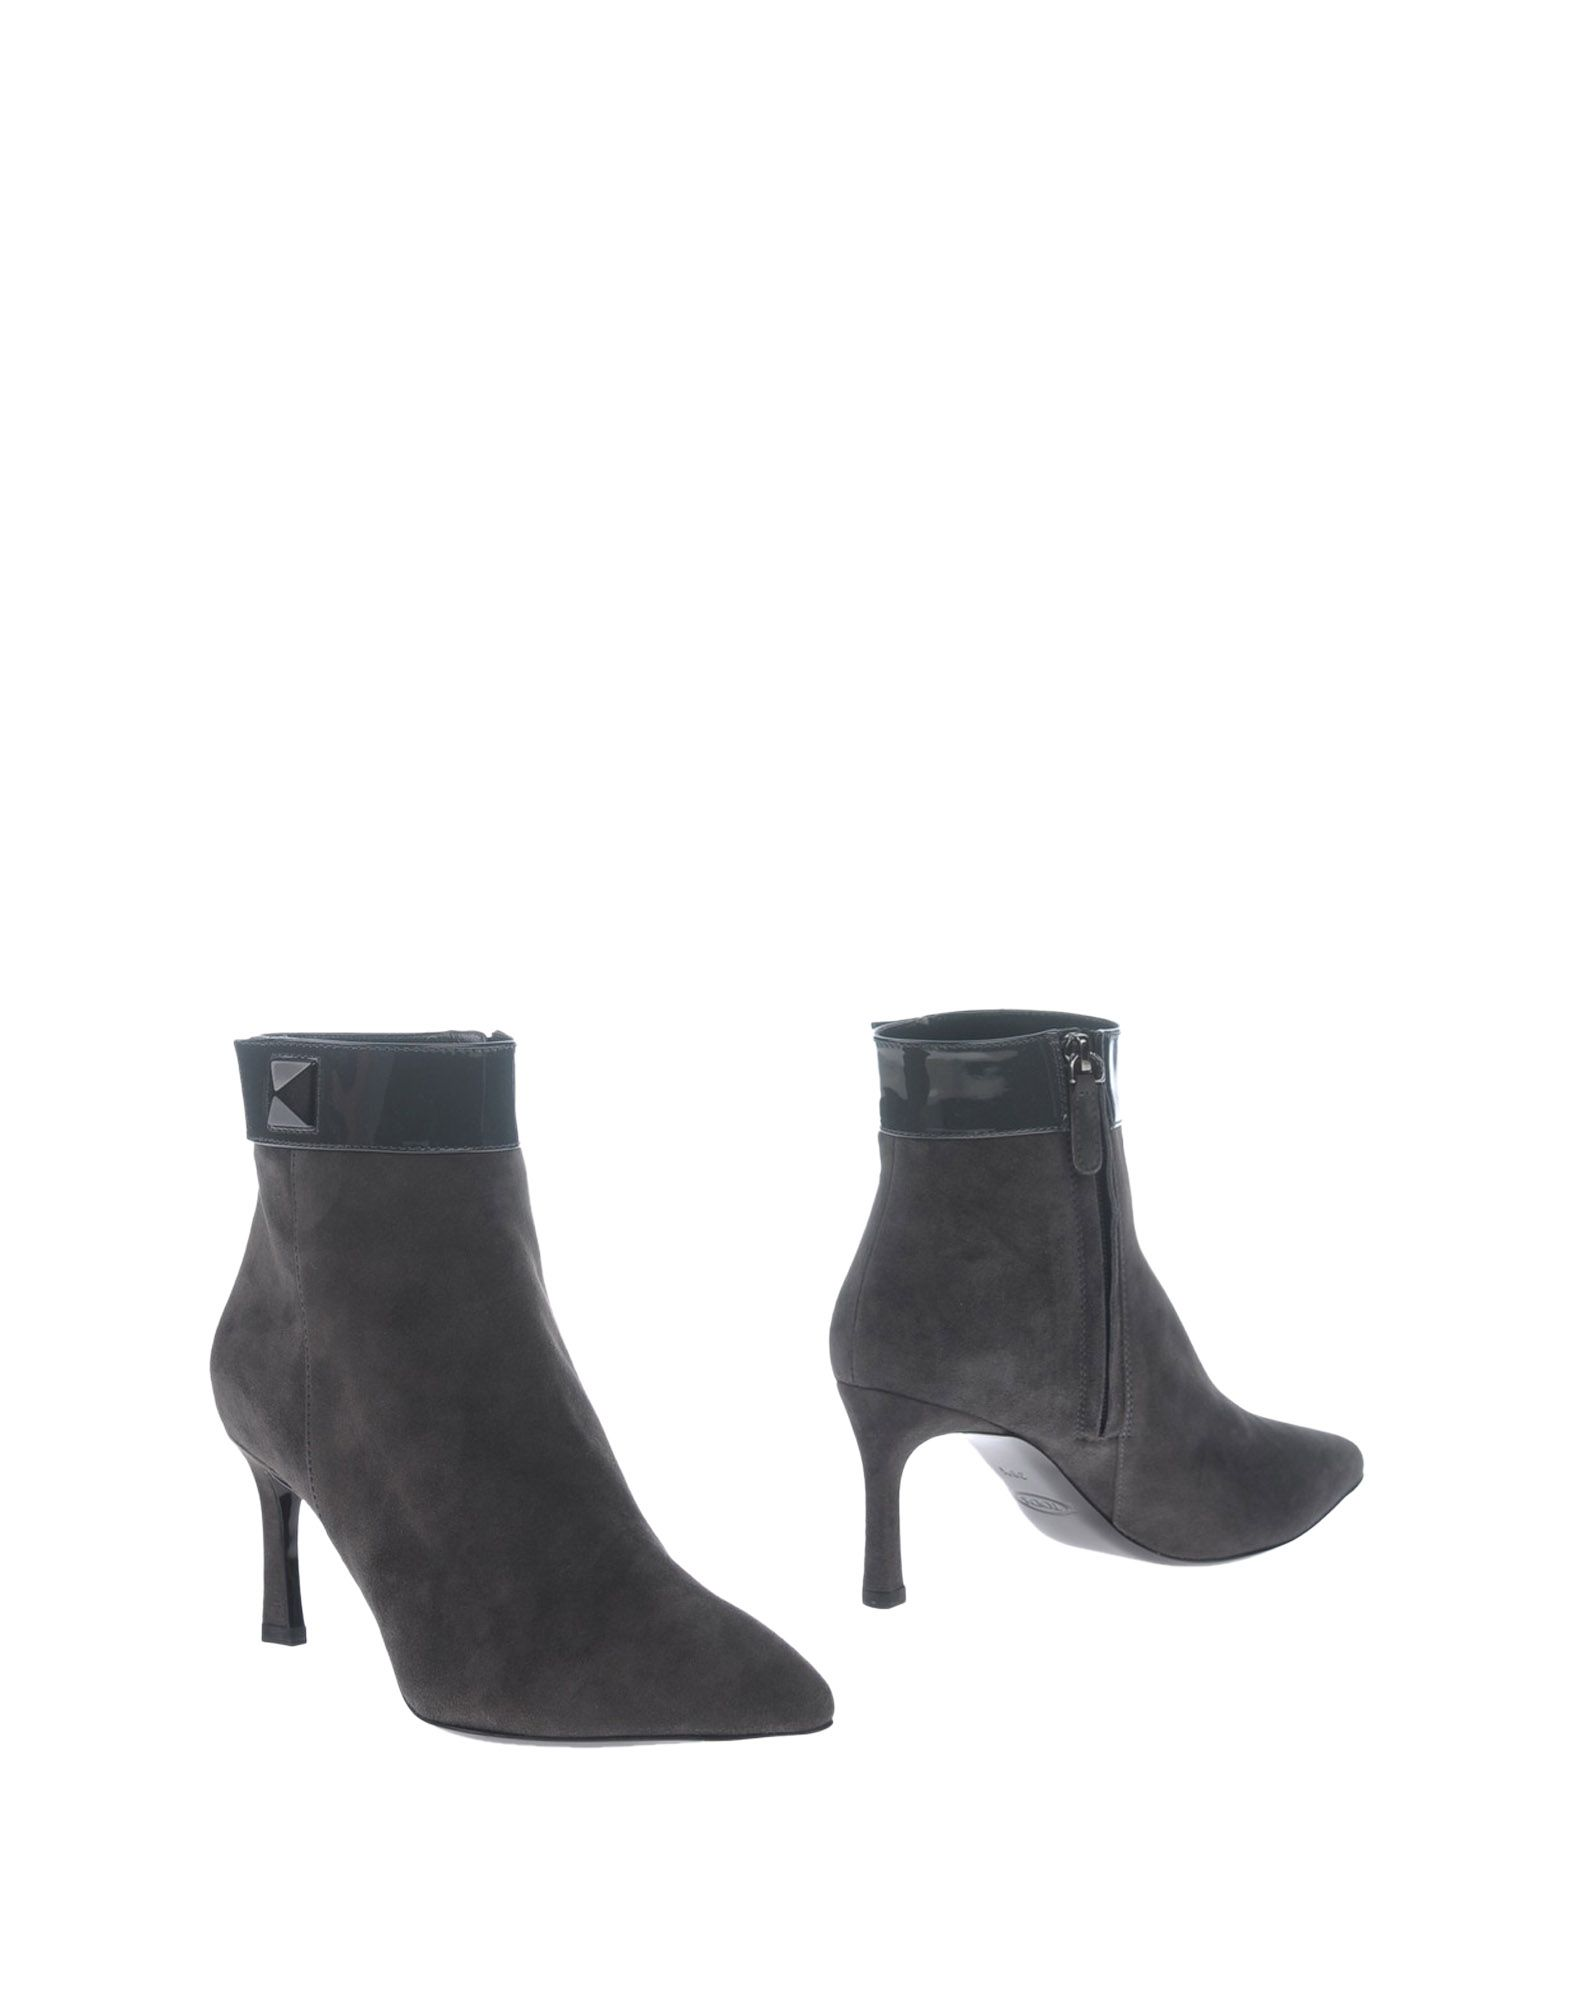 Rabatt Tod's Schuhe Tod's Rabatt Stiefelette Damen  11070920UW a622b0